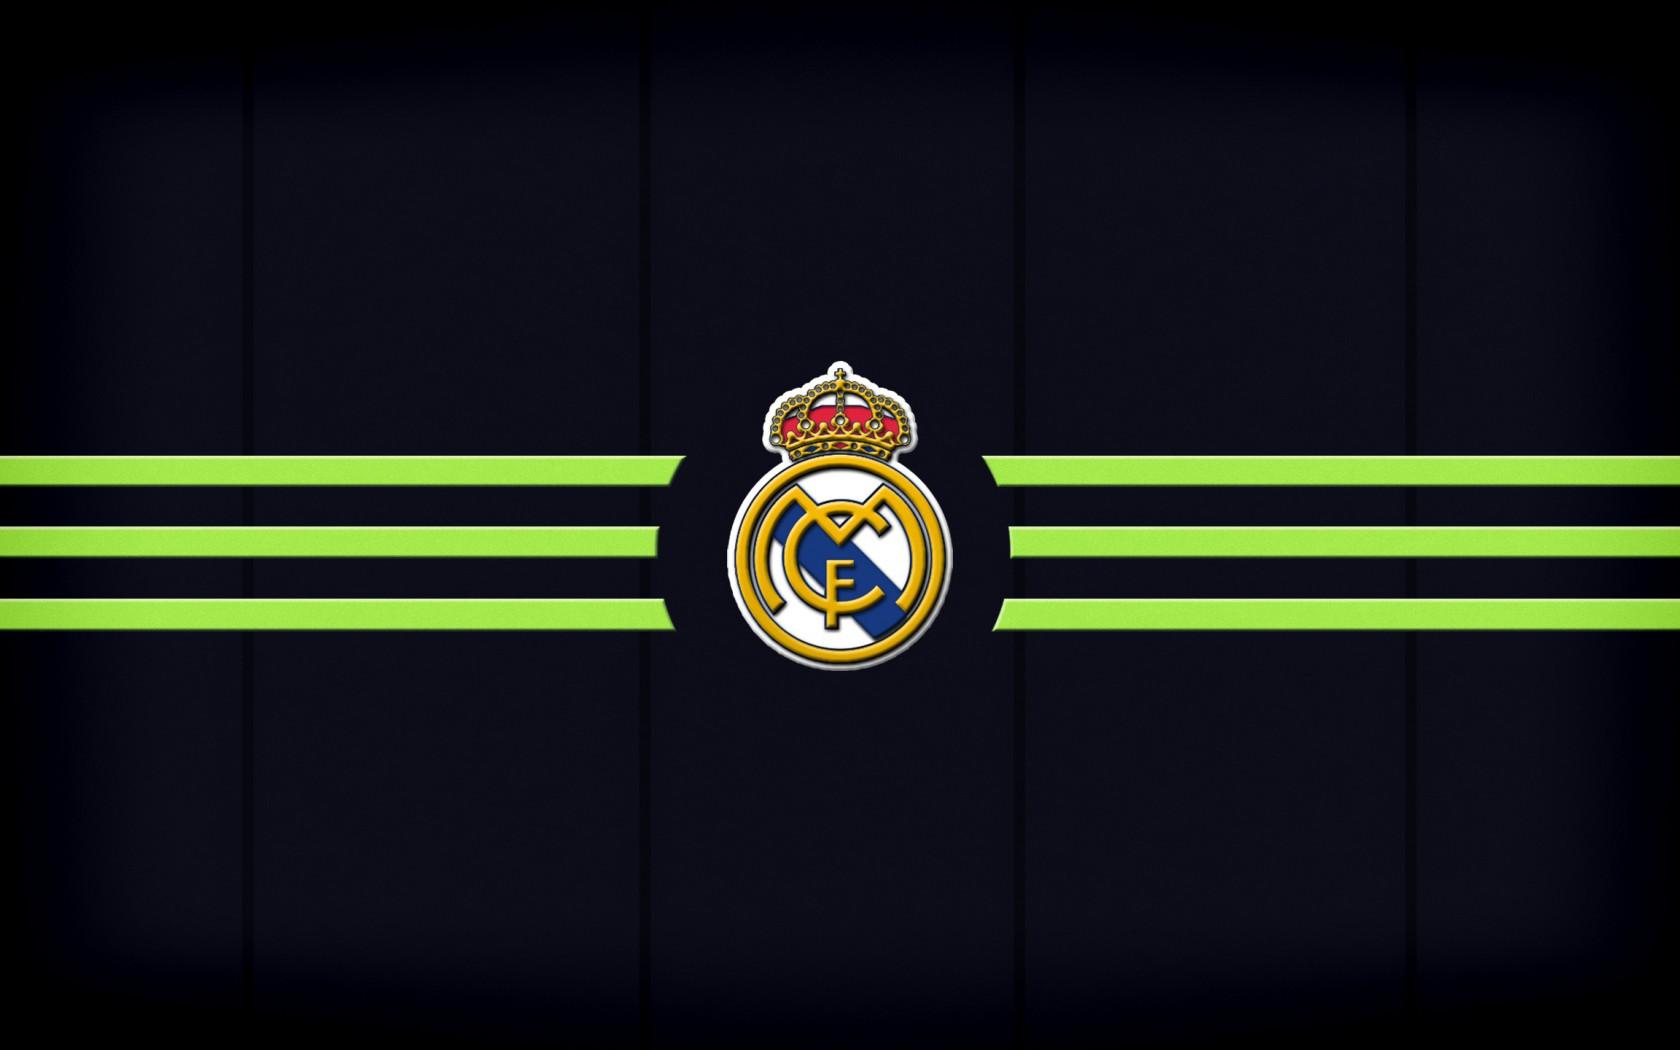 بالصور خلفيات ريال مدريد , اجمل الخلفيات لفريق الريال مدريد 5770